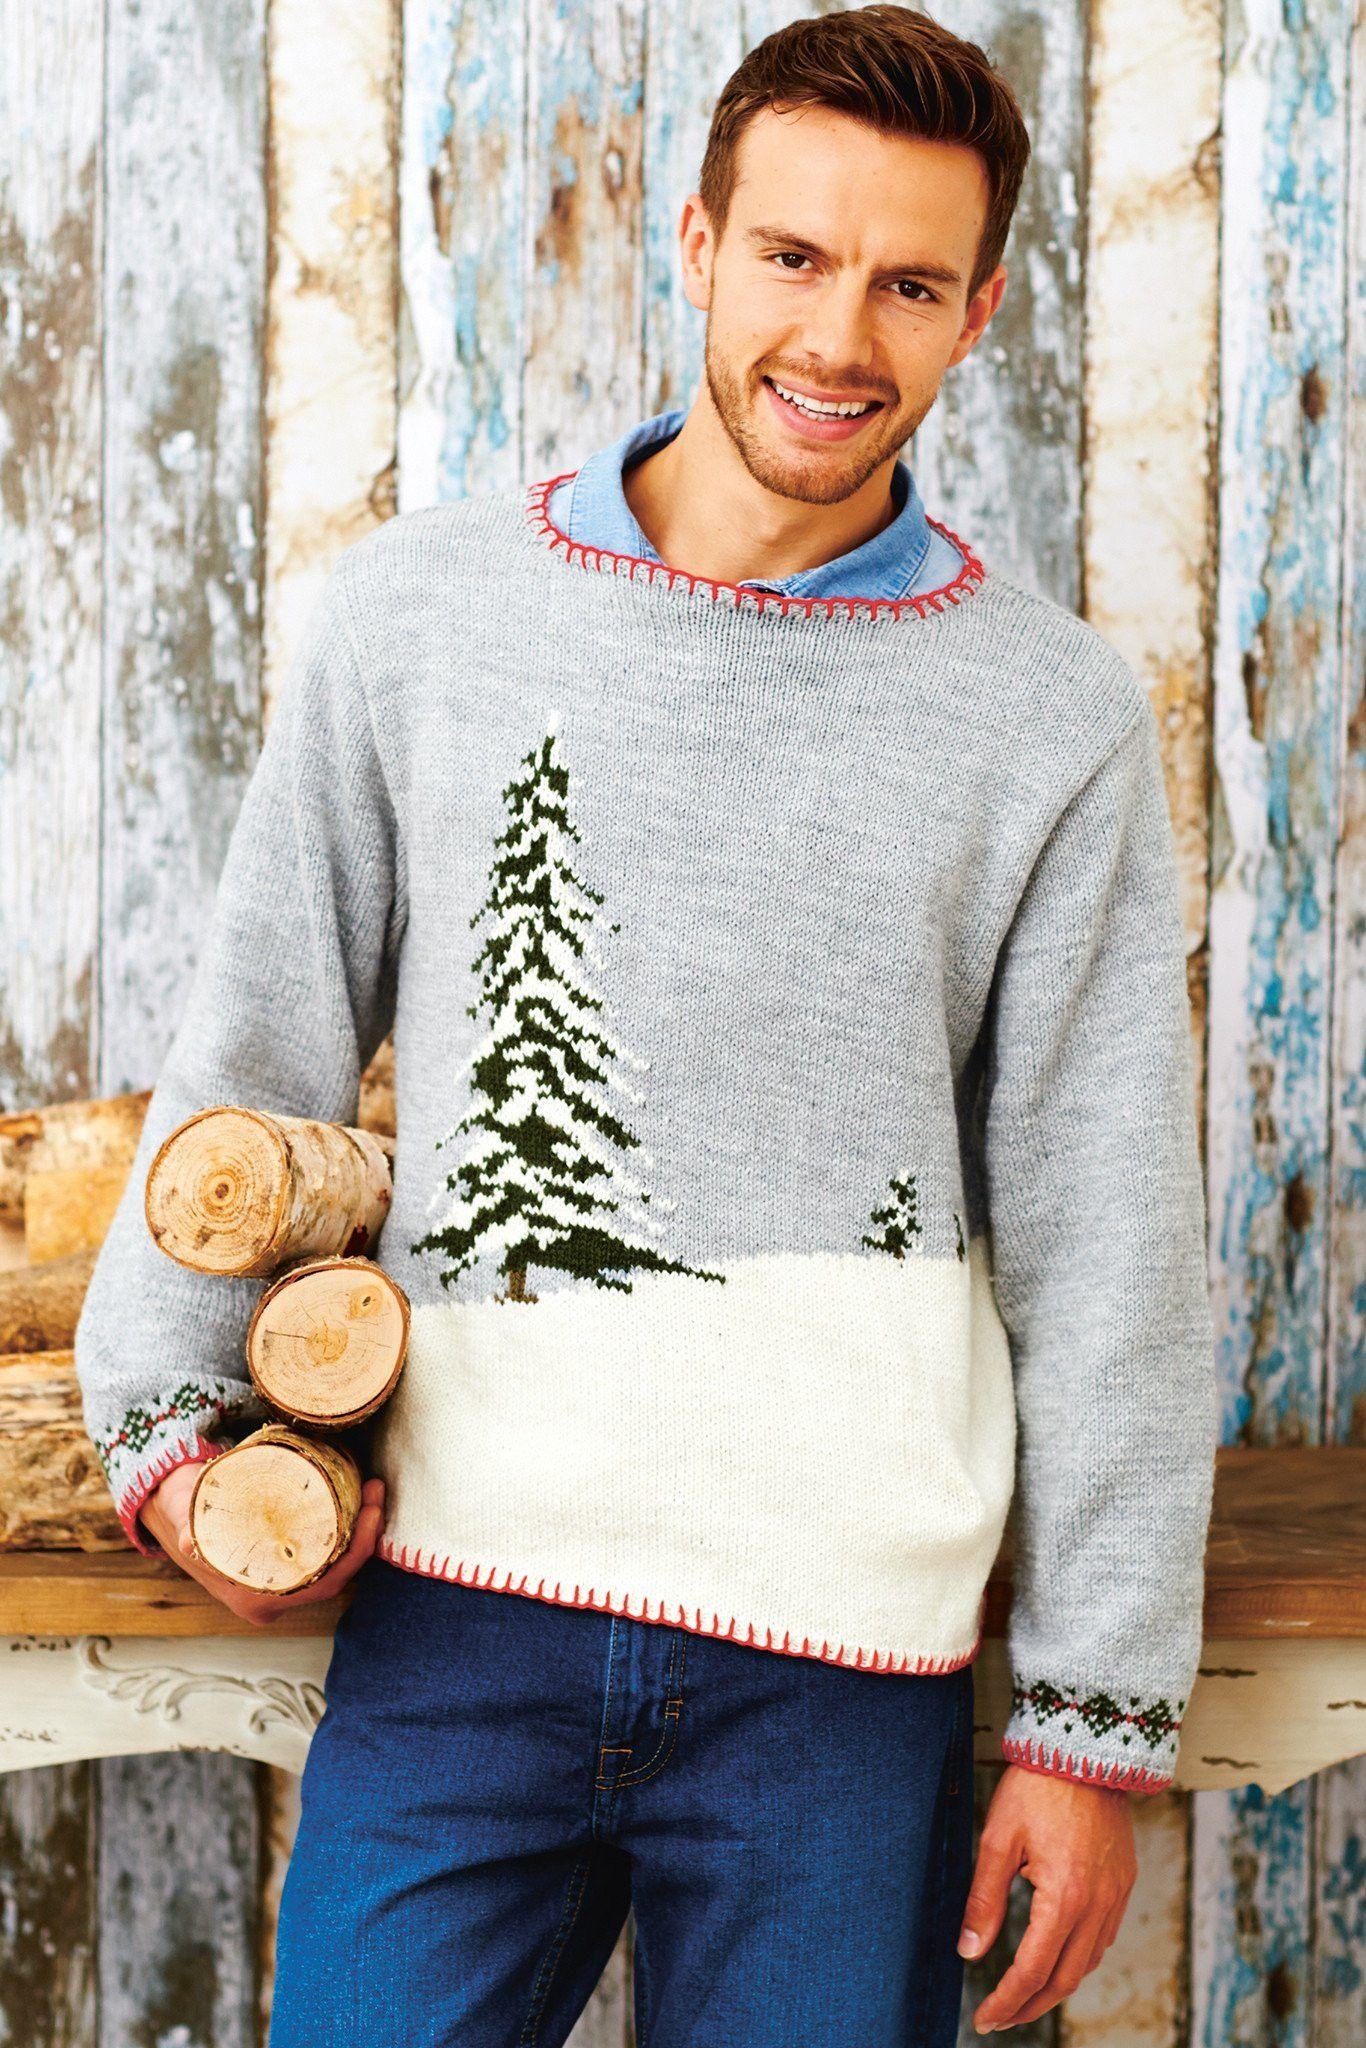 Mens Christmas Jumper Knitting Pattern | The Knitting Network